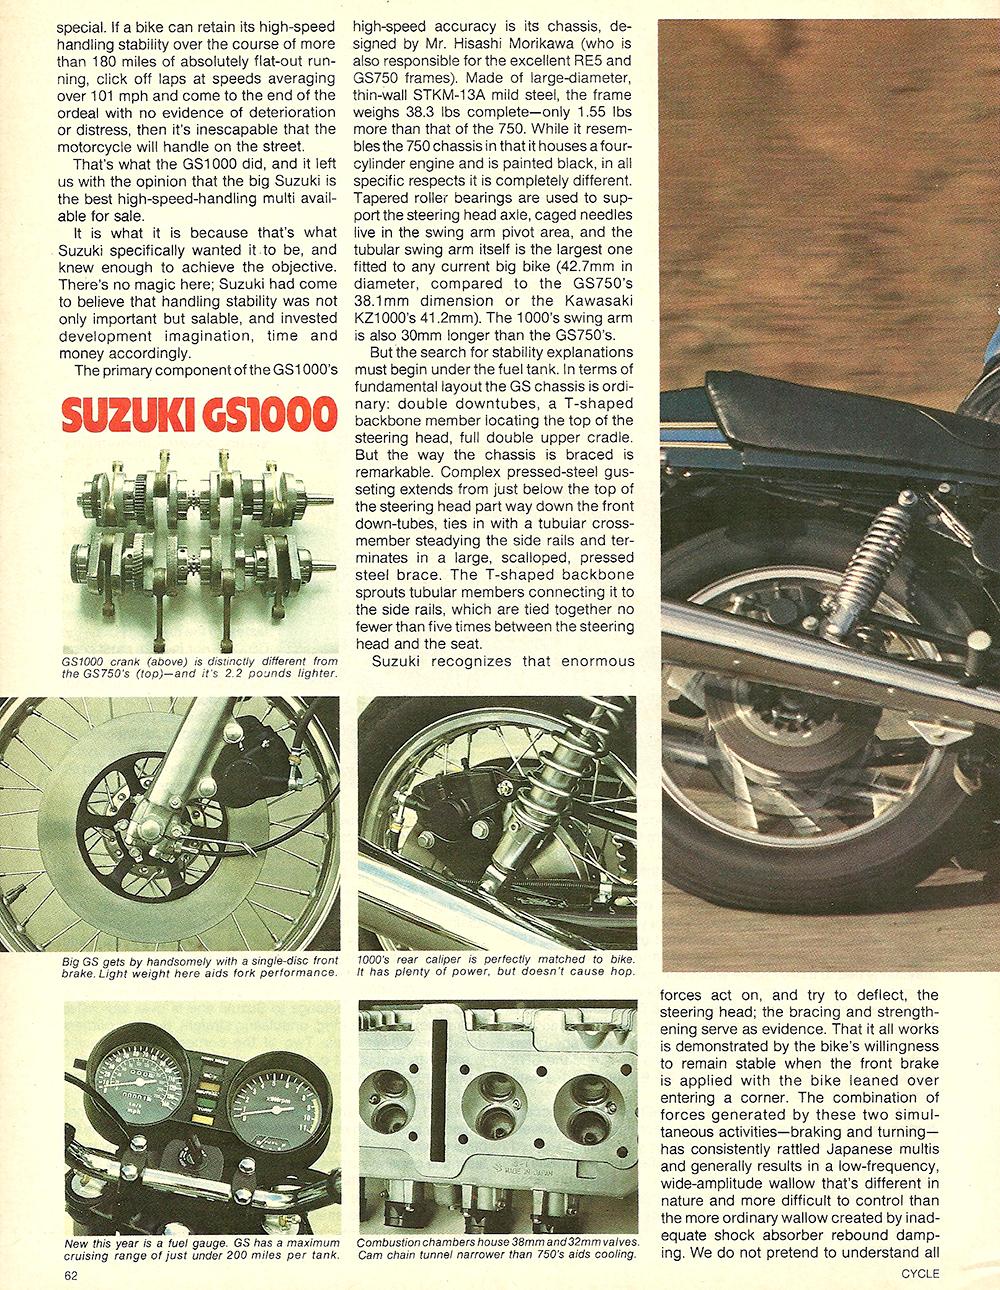 1978 Suzuki GS1000 road test 3.jpg